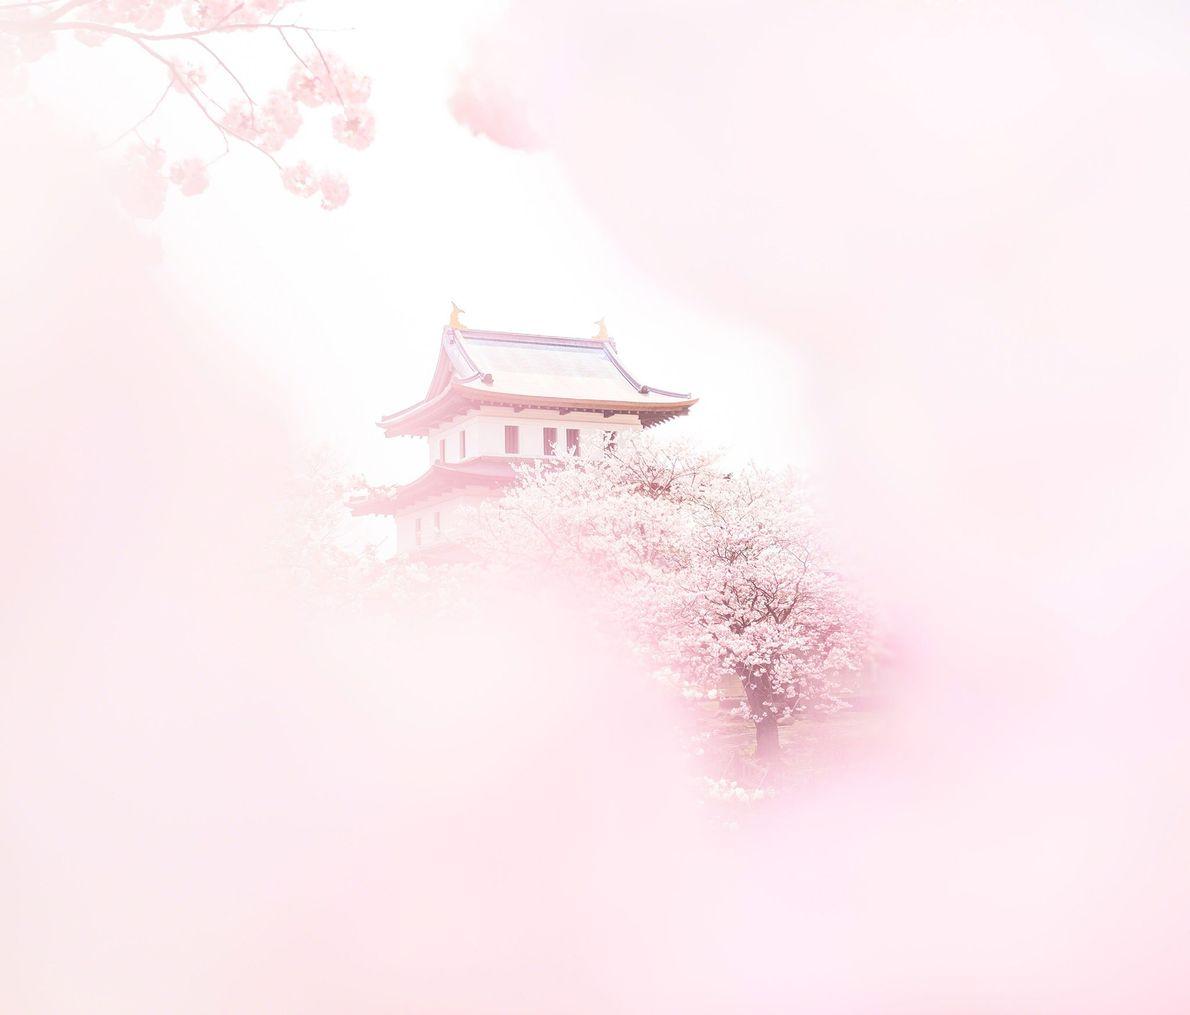 Simbolizando a renovação, a esperança e a brevidade da vida, as flores de cerejeira trazem a ...